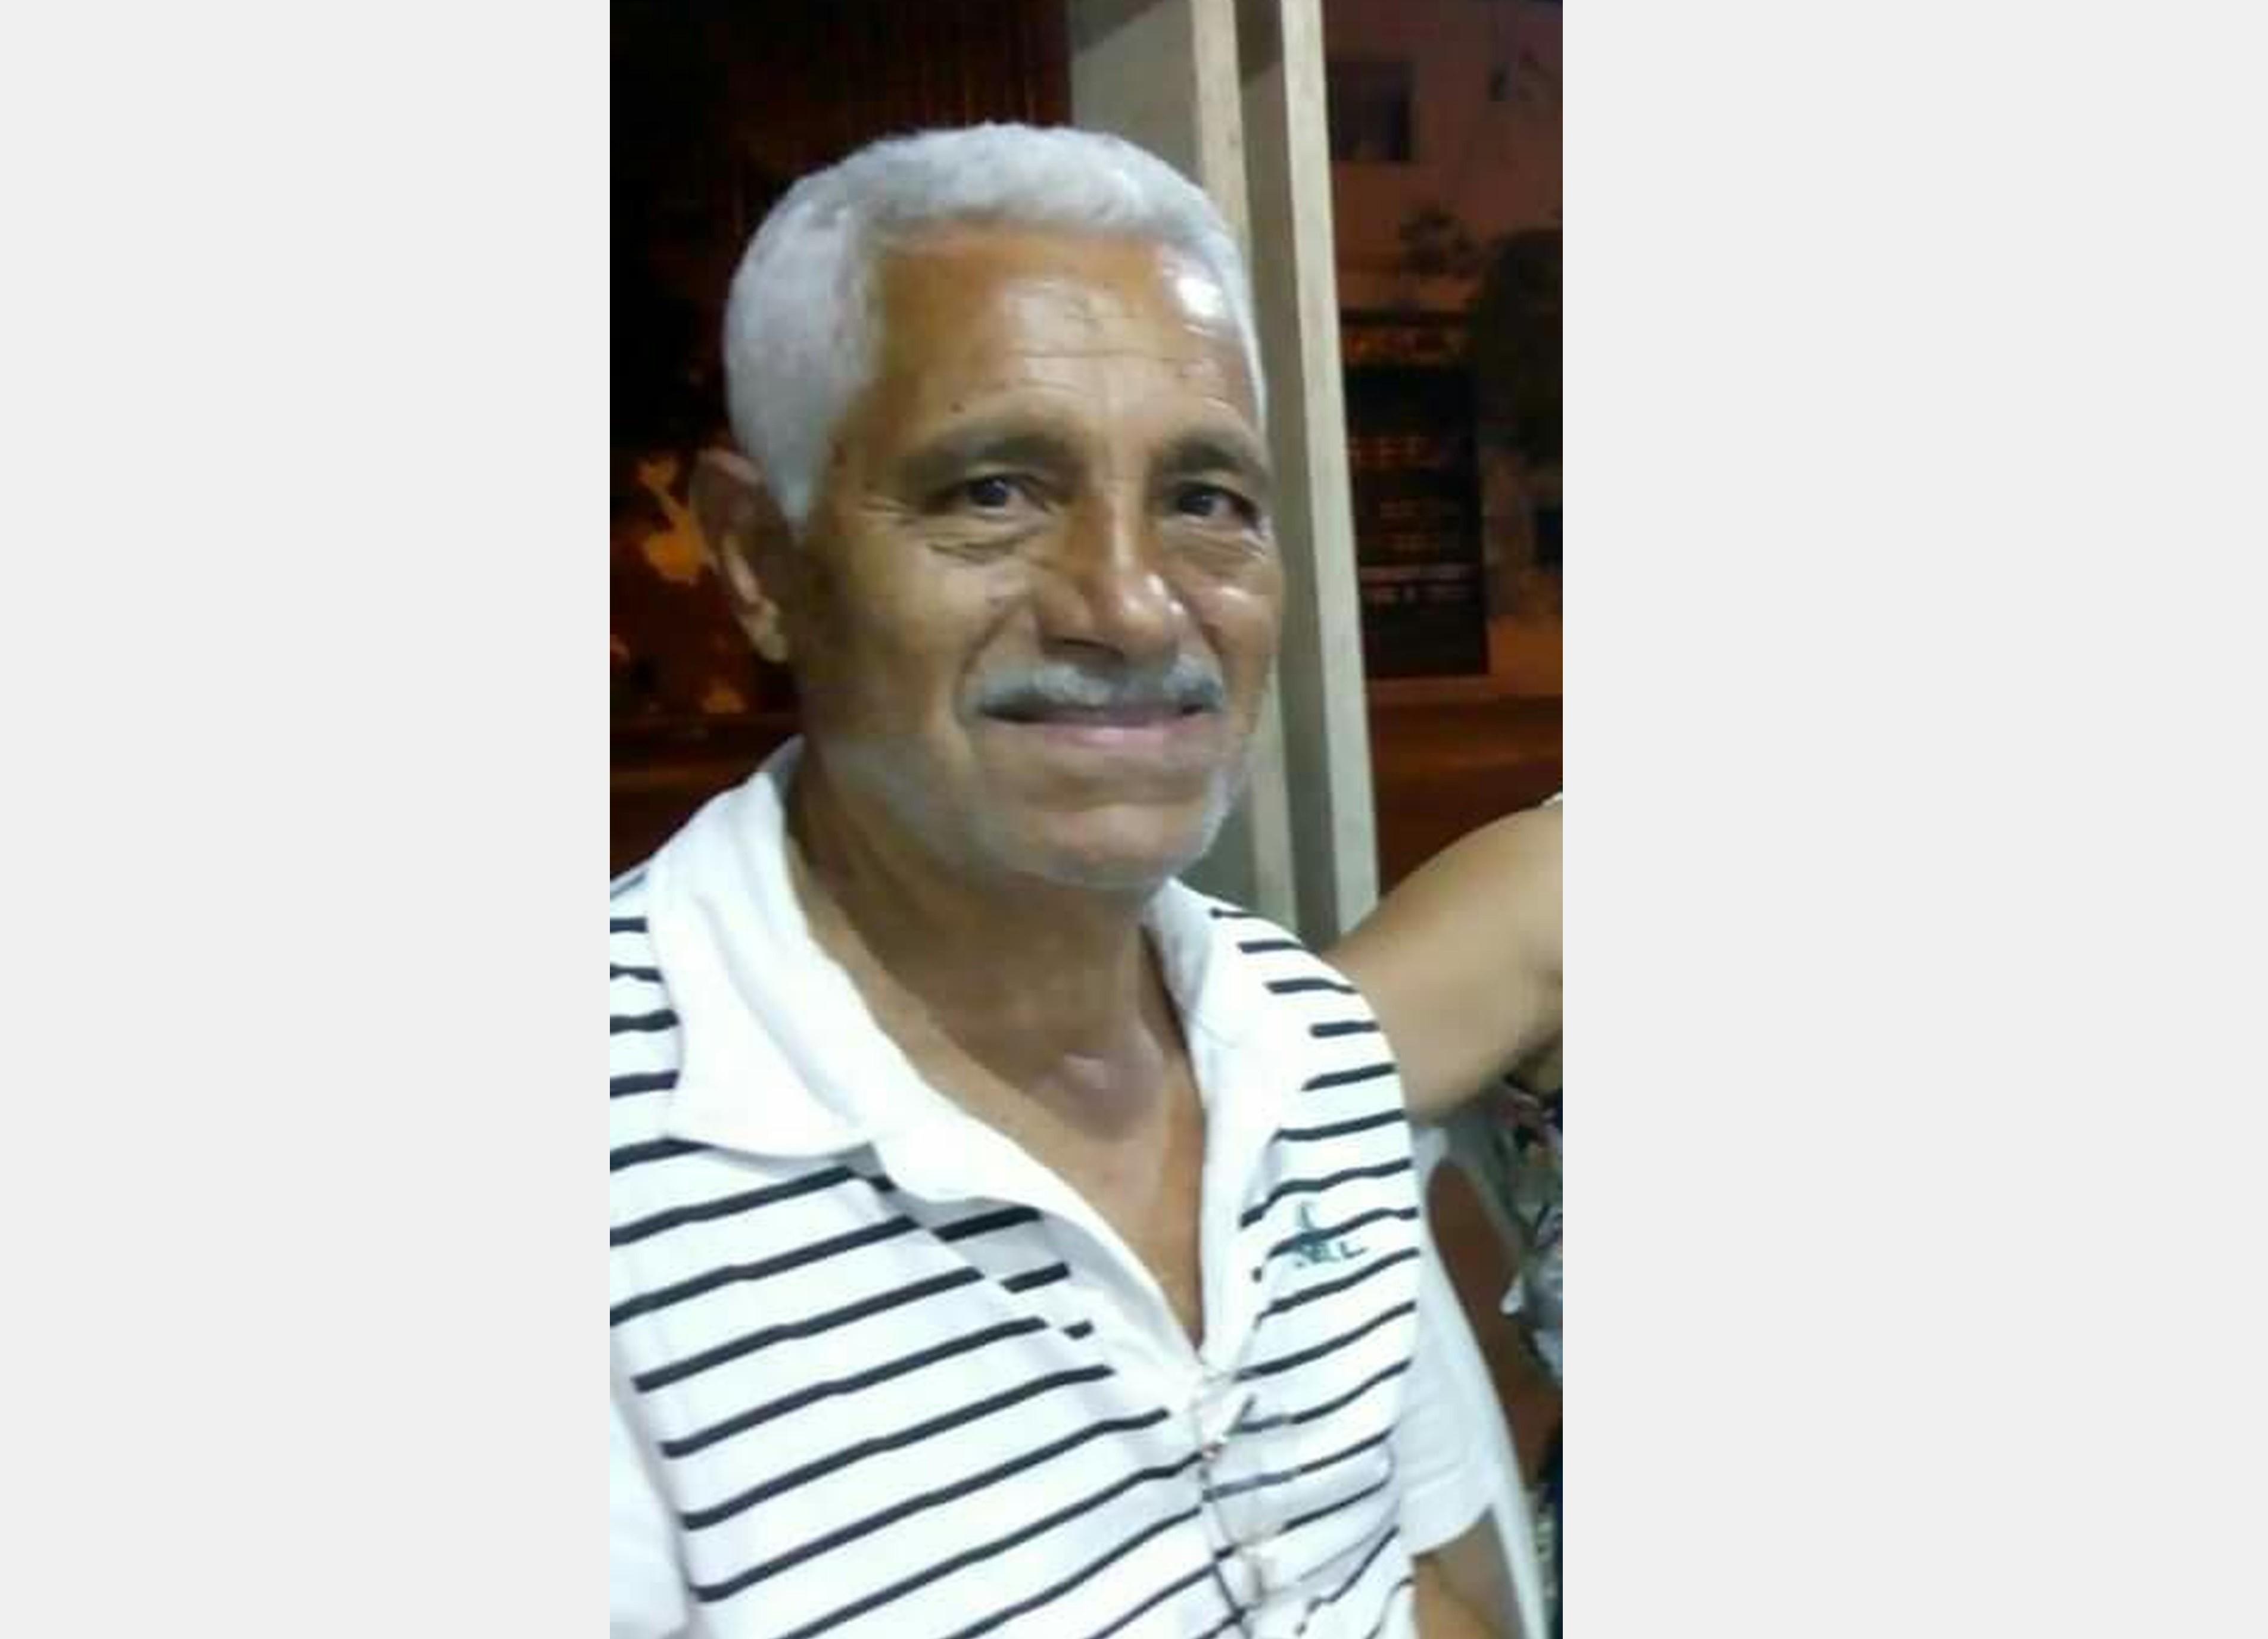 Idoso que viajou de Minas para SP morre de coronavírus, afirma prefeitura; filho diz que pai não levava doença a sério